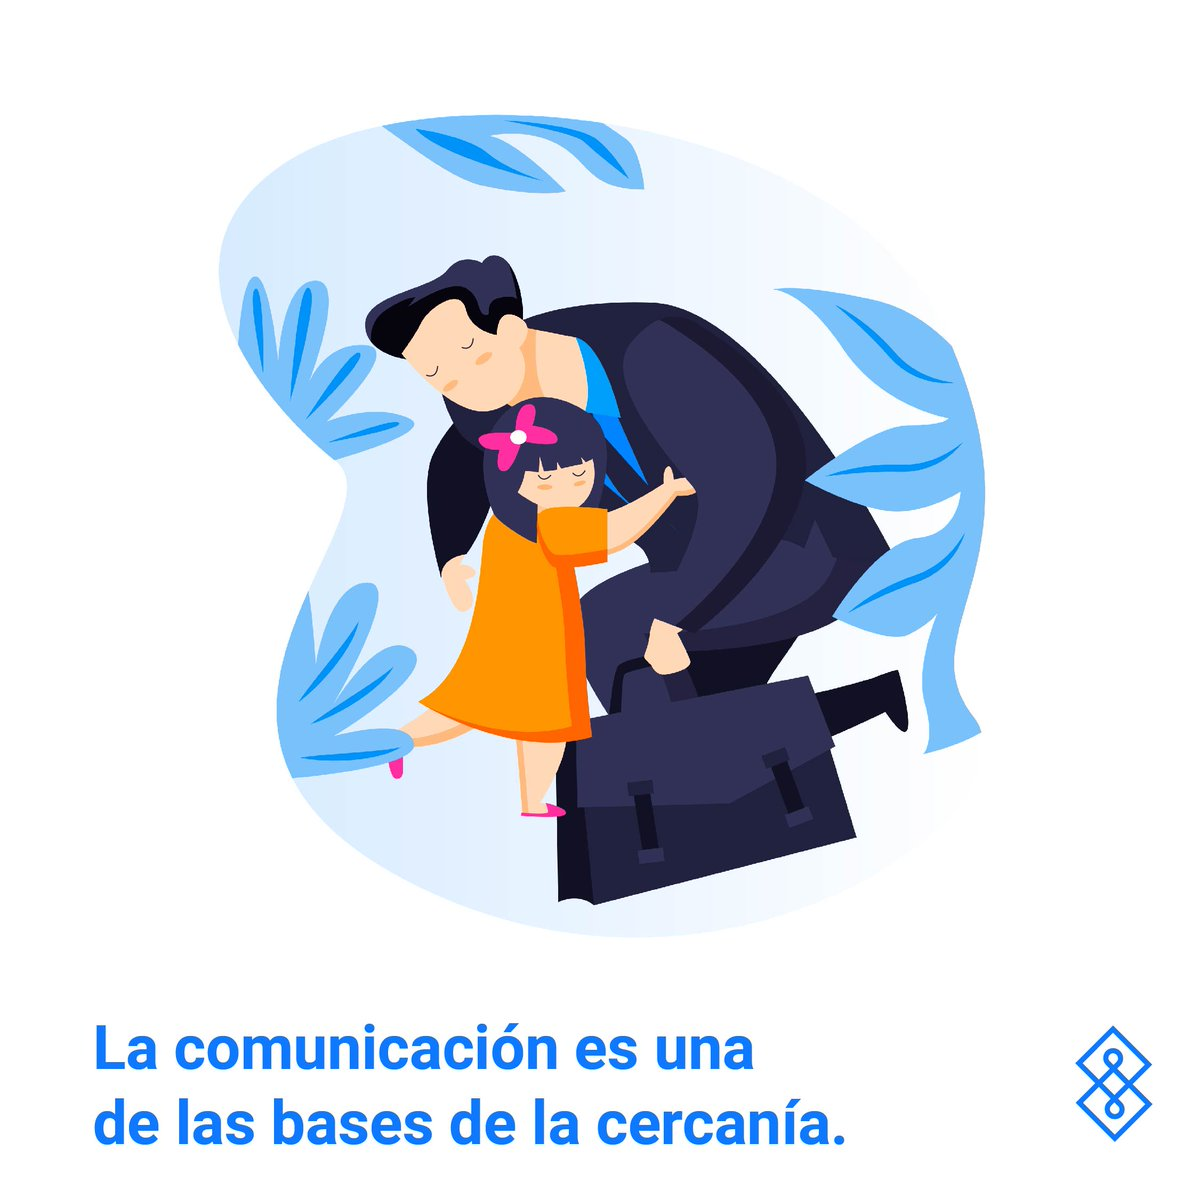 #Unio te aconseja: Desde temprana edad los niños aprenden mejor con el ejemplo y la comunicación; explica sus dudas y el porqué de sus errores. Las mejoras de comportamiento de los pequeños brotan desde la comprensión.  Conoce más ➡️https://t.co/vqMBlQaA0Y https://t.co/sV3L7wnOge